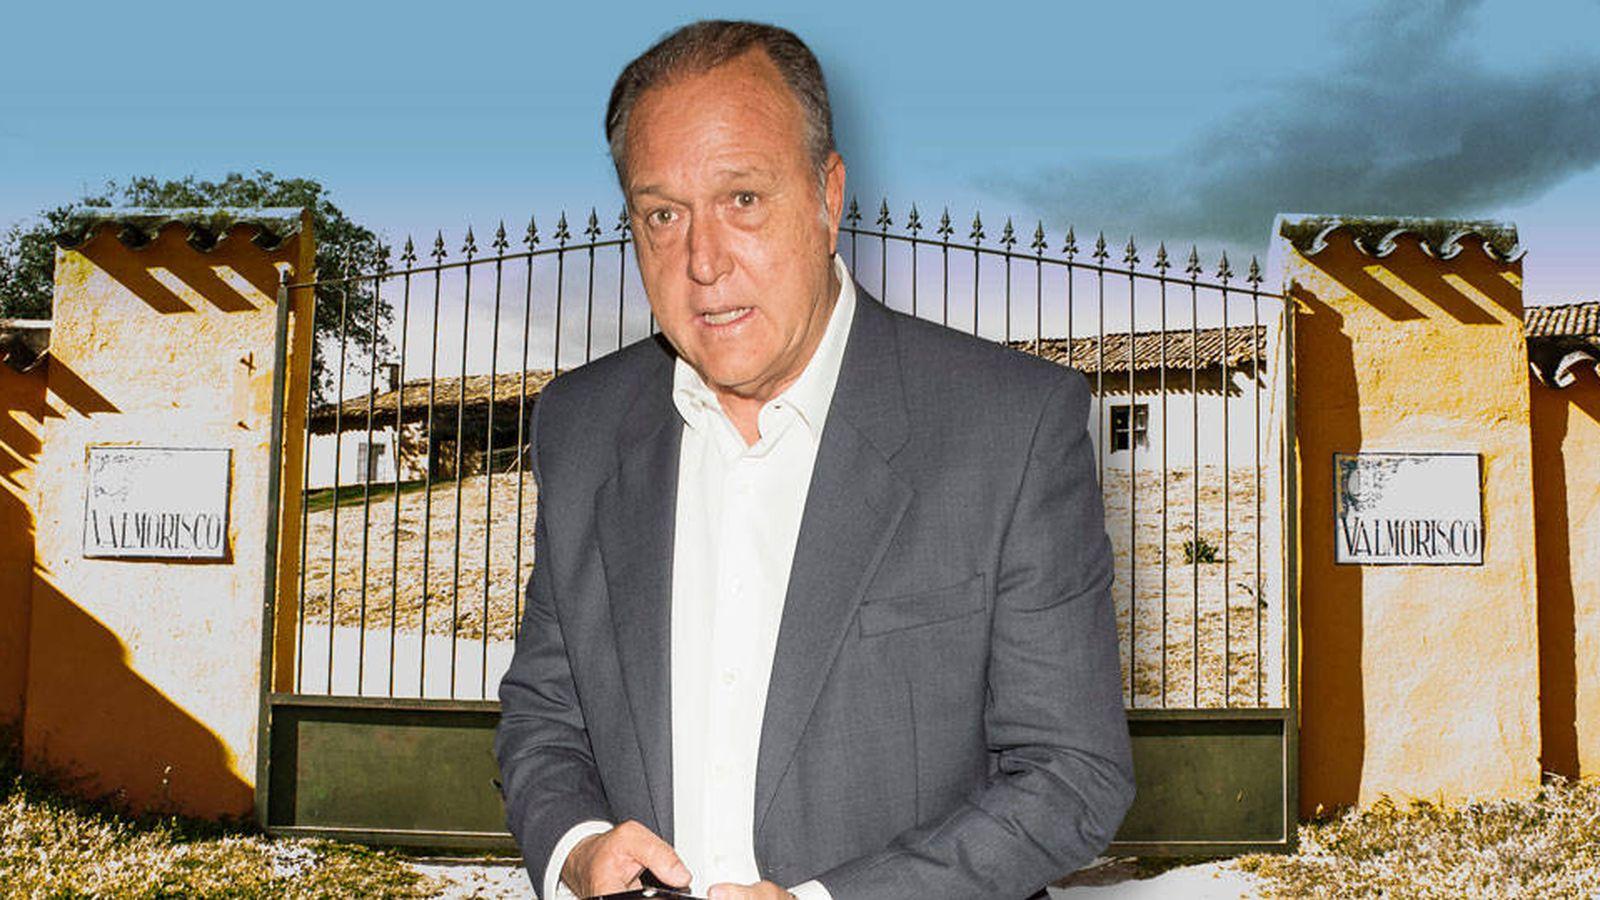 Foto: Pepe Barroso en la puerta de su macrofinca: Valmorisco, en Cáceres.